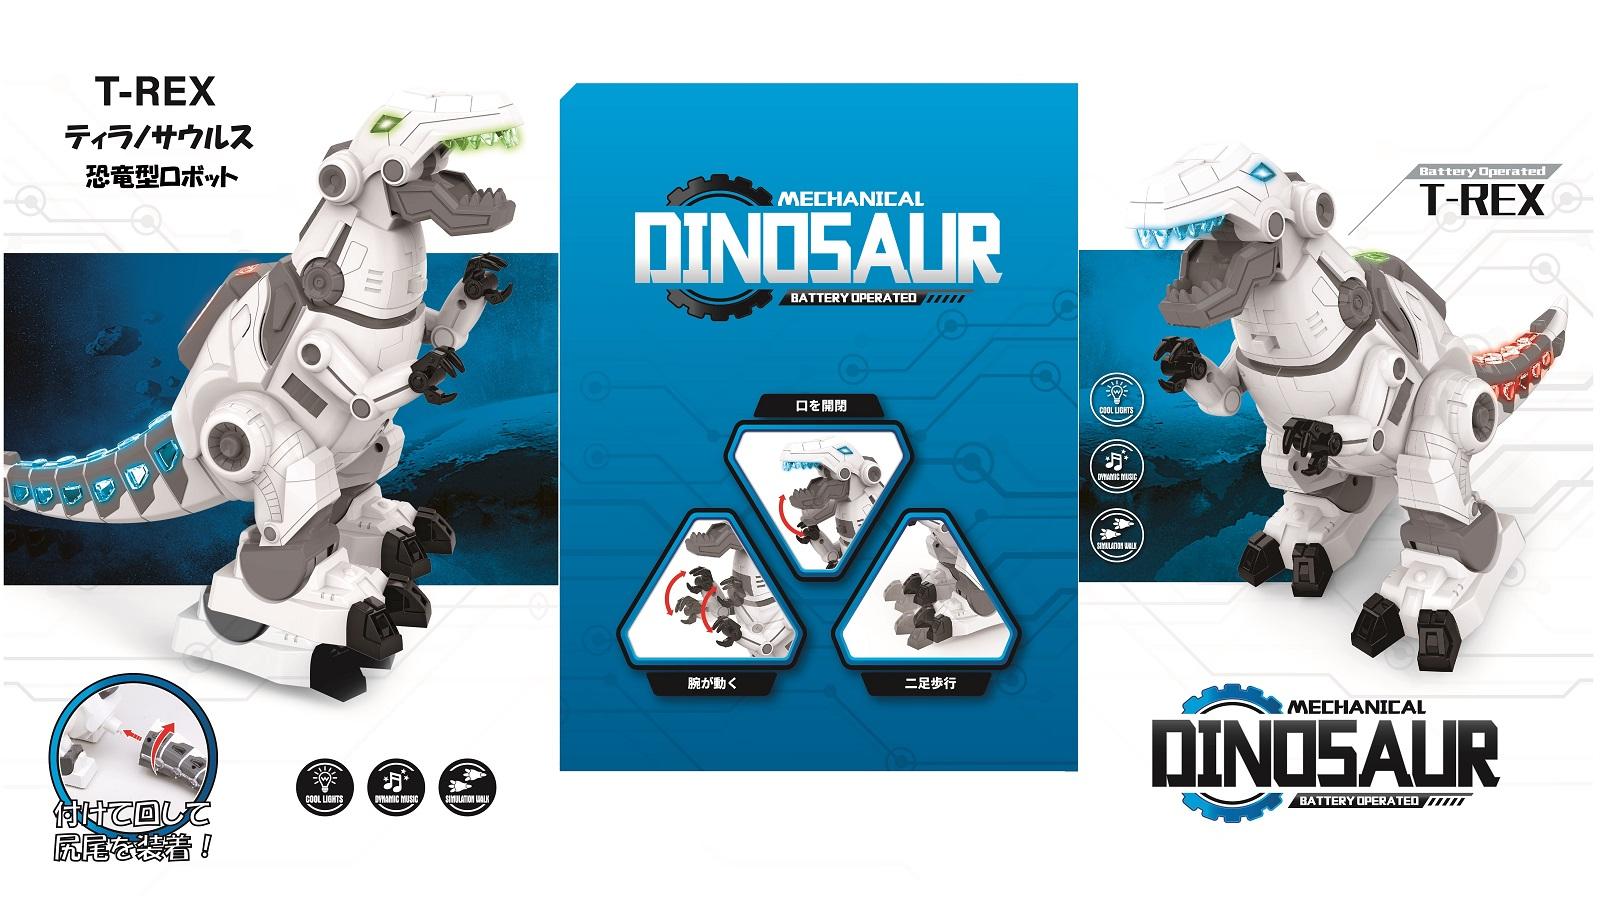 恐竜の王様 - ティラノサウルスをモデルにしたロボットT-REX(ティーレックス)口を開閉・二足歩行・腕が動く。迫力のある恐竜世界へようこそ!